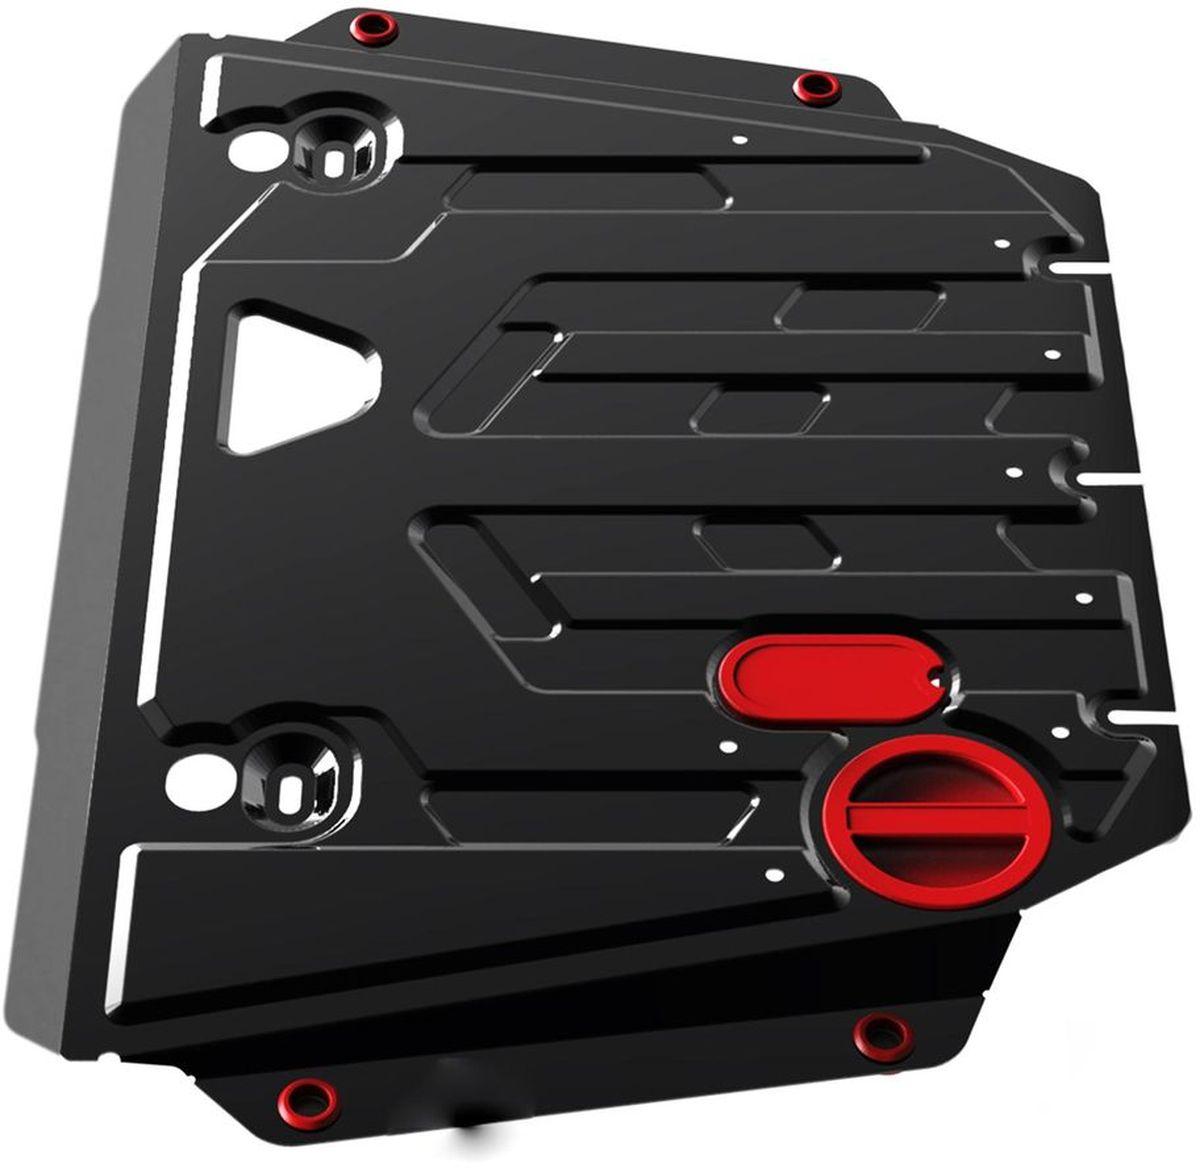 Защита картера и КПП Автоброня, для Chery Tiggo 5 FWD, V - 2.0 (2014-)111.00912.1Технологически совершенный продукт за невысокую стоимость. Защита разработана с учетом особенностей днища автомобиля, что позволяет сохранить дорожный просвет с минимальным изменением. Защита устанавливается в штатные места кузова автомобиля. Глубокий штамп обеспечивает до двух раз больше жесткости в сравнении с обычной защитой той же толщины. Проштампованные ребра жесткости препятствуют деформации защиты при ударах. Тепловой зазор и вентиляционные отверстия обеспечивают сохранение температурного режима двигателя в норме. Скрытый крепеж предотвращает срыв крепежных элементов при наезде на препятствие. Шумопоглощающие резиновые элементы обеспечивают комфортную езду без вибраций и скрежета металла, а съемные лючки для слива масла и замены фильтра - экономию средств и время. Конструкция изделия не влияет на пассивную безопасность автомобиля (при ударе защита не воздействует на деформационные зоны кузова). Со штатным крепежом. В комплекте инструкция по установке....